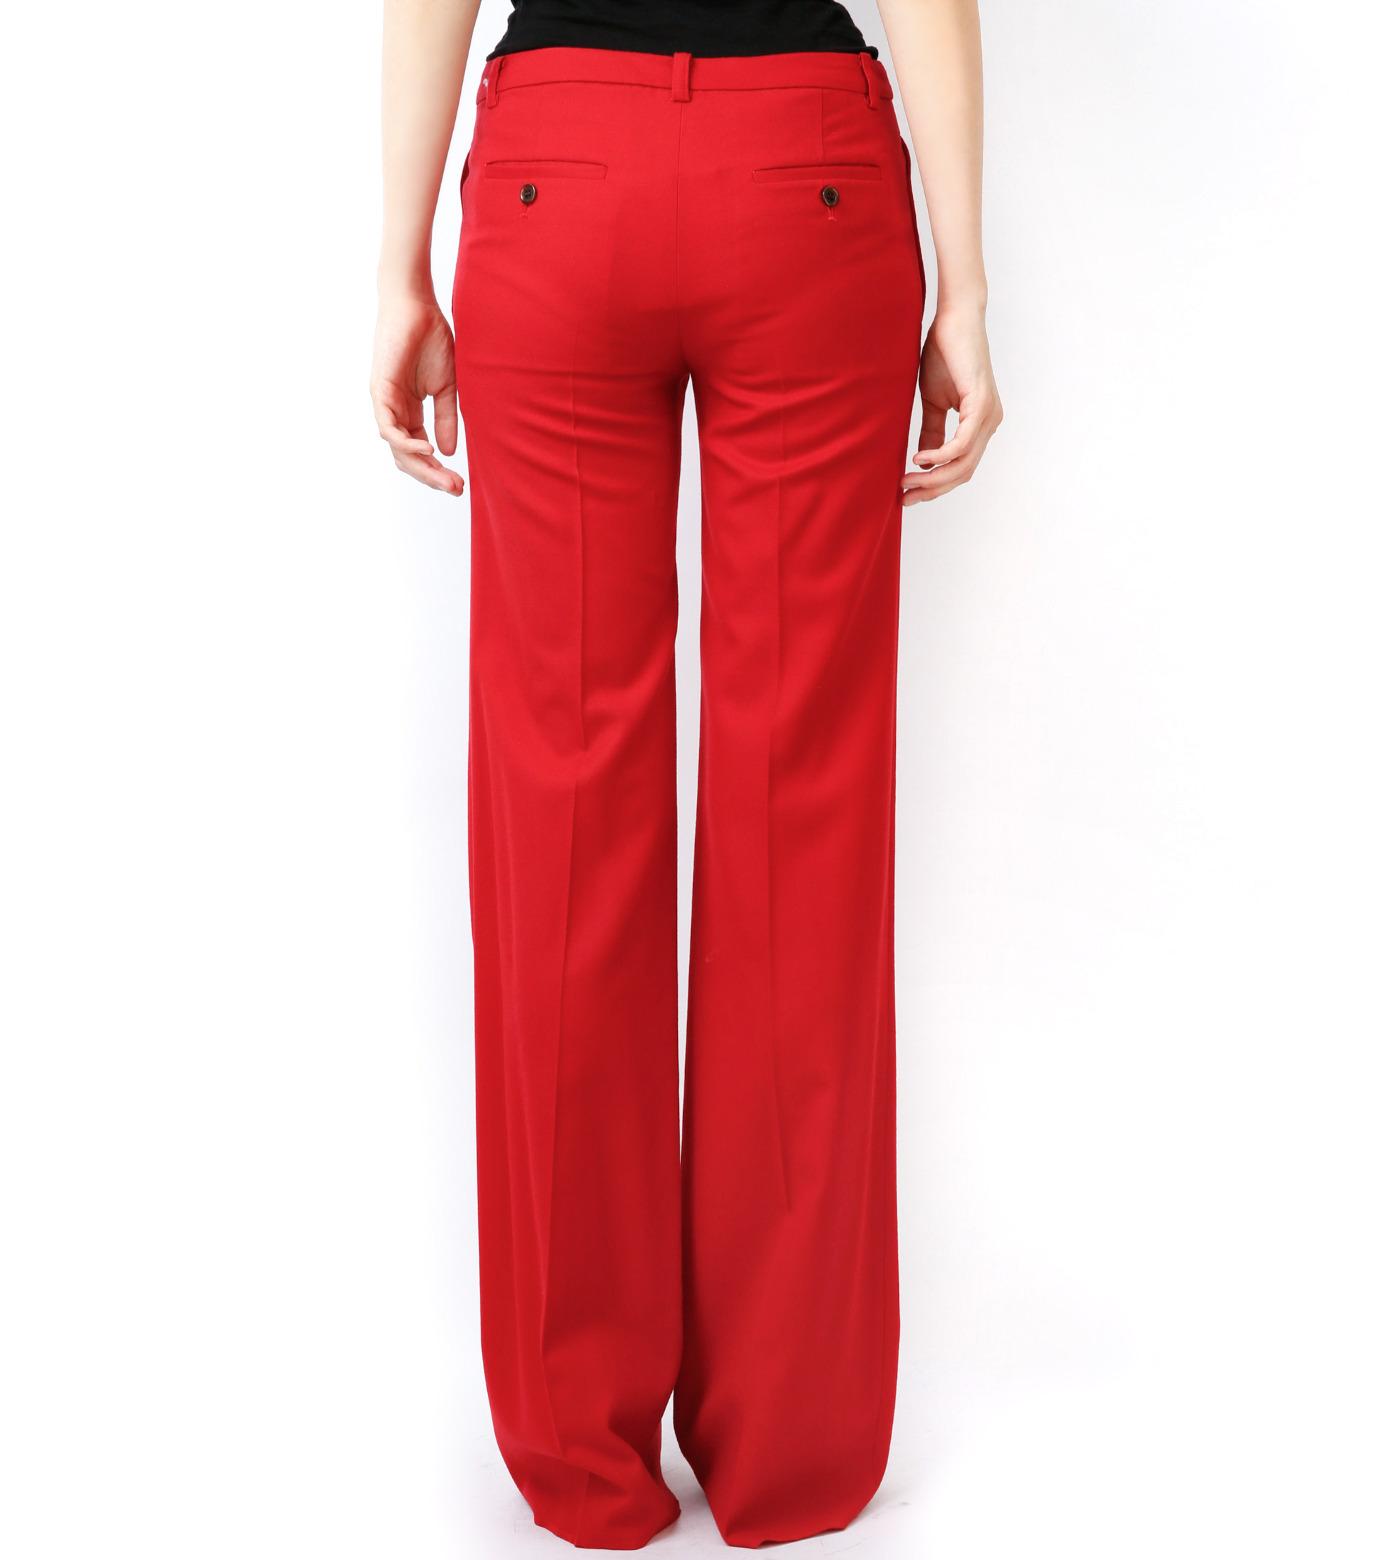 LE CIEL BLEU(ルシェルブルー)のウールカラーセミワイドPT-RED(パンツ/pants)-13A68049 拡大詳細画像4